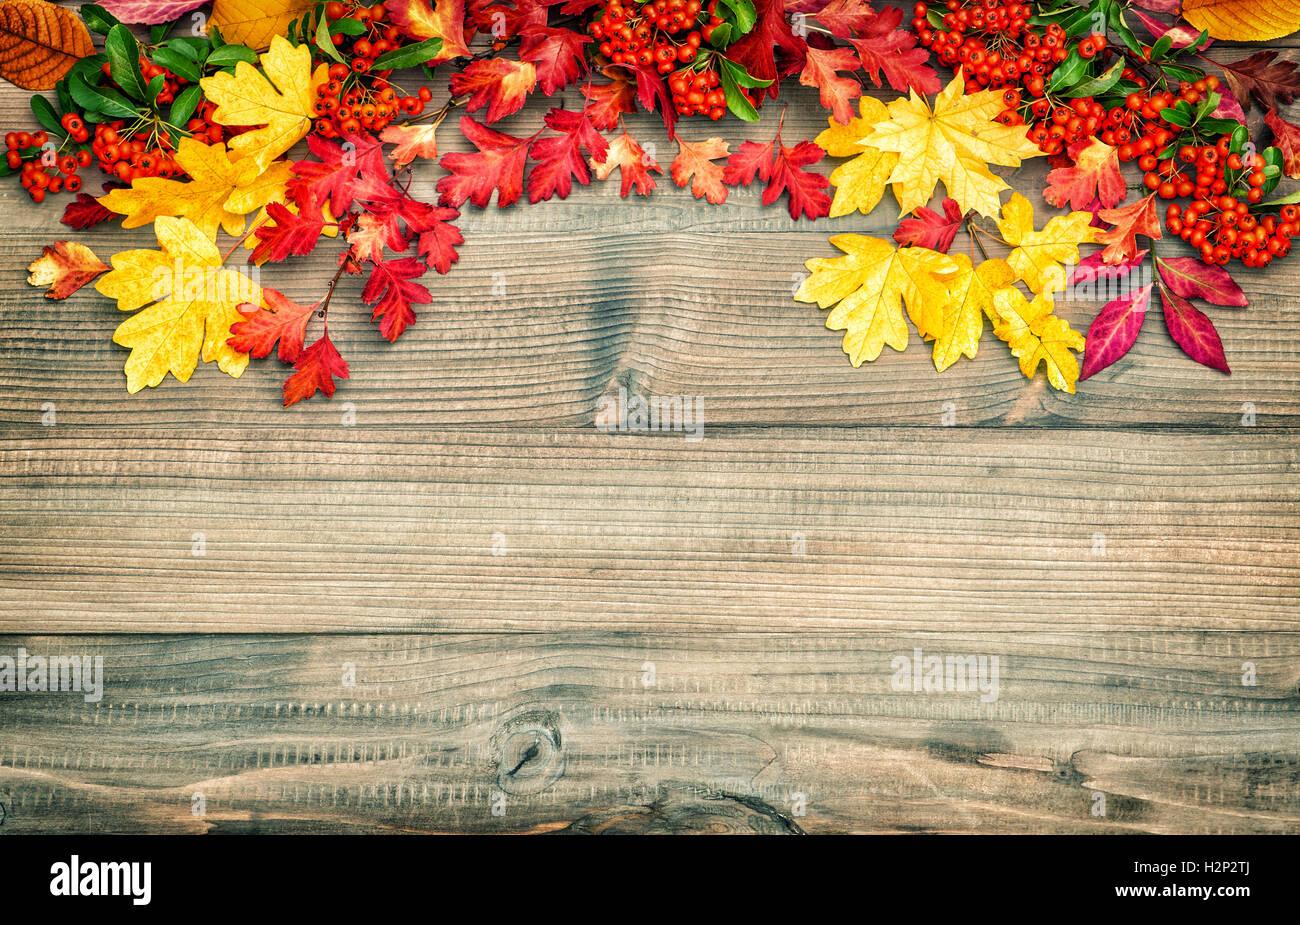 Rot Gelbe Blatter Und Beeren Herbst Hintergrund Vintage Stil